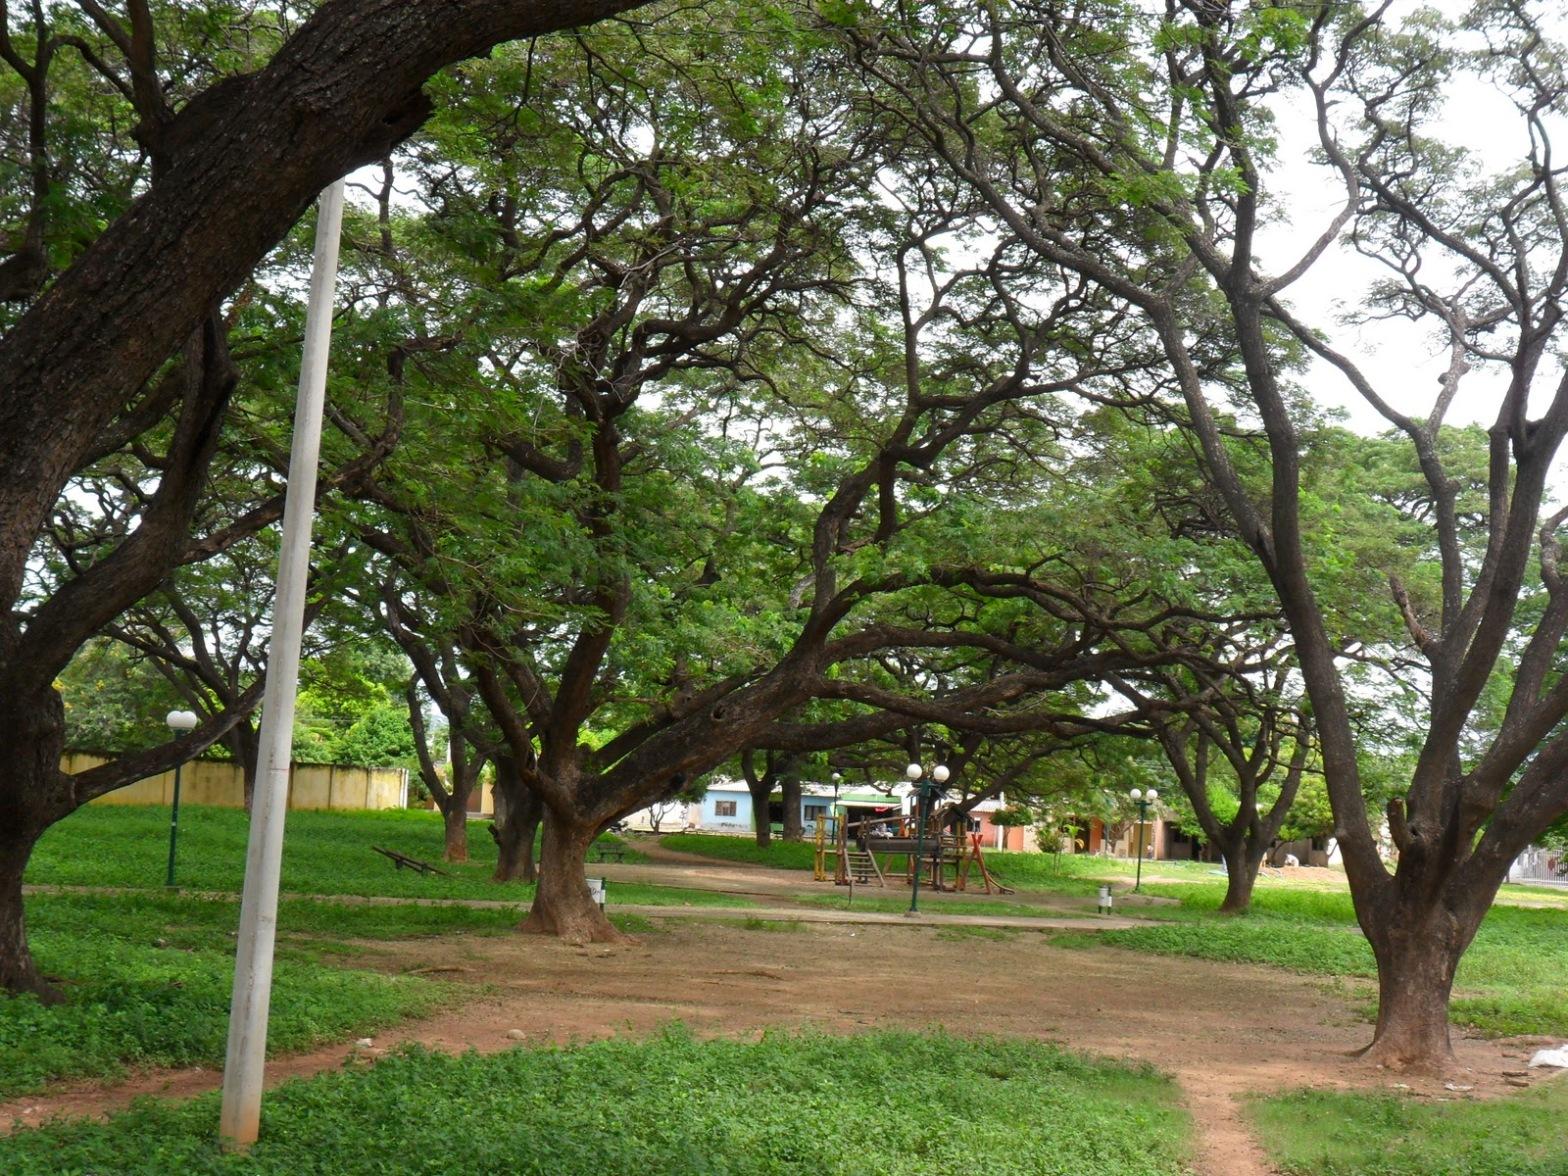 Parque arbolado en la ciudad de valledupar